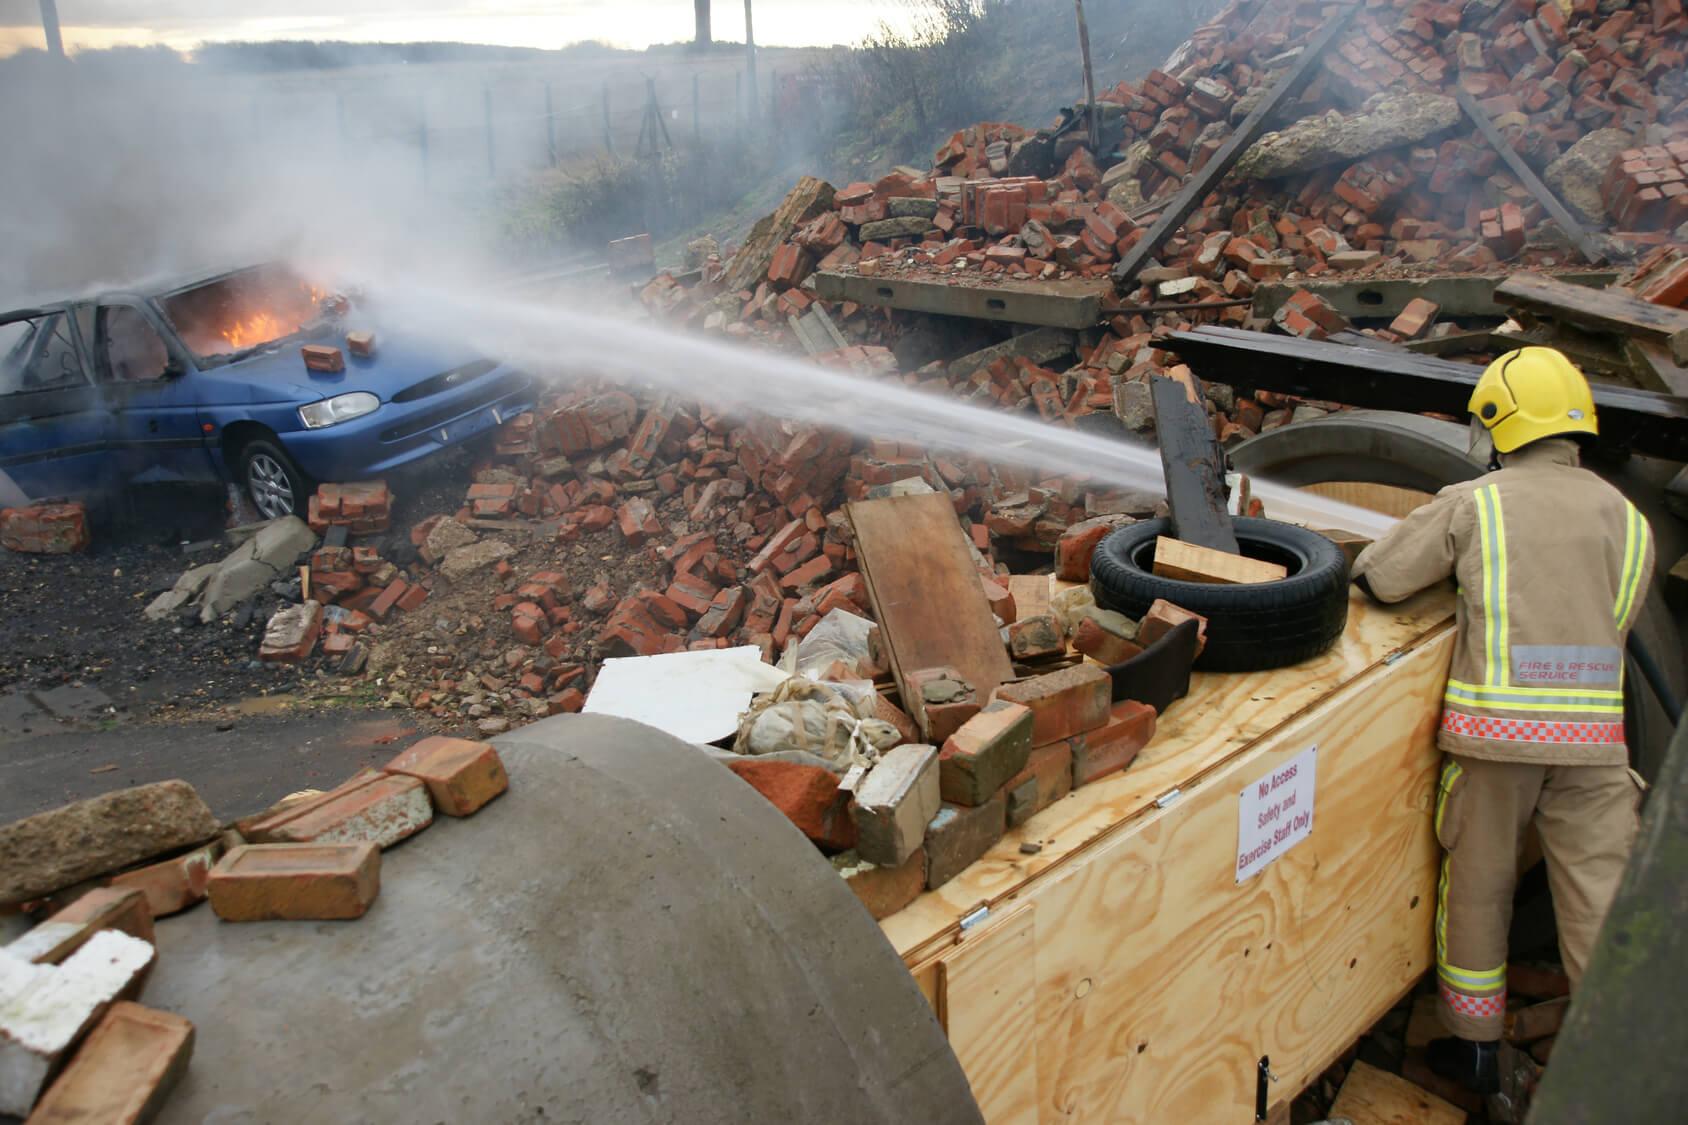 f1353fa7bd0 La sismología es la disciplina científica que estudia este tipo de  fenómenos. Según las teorías que manejan los sismólogos